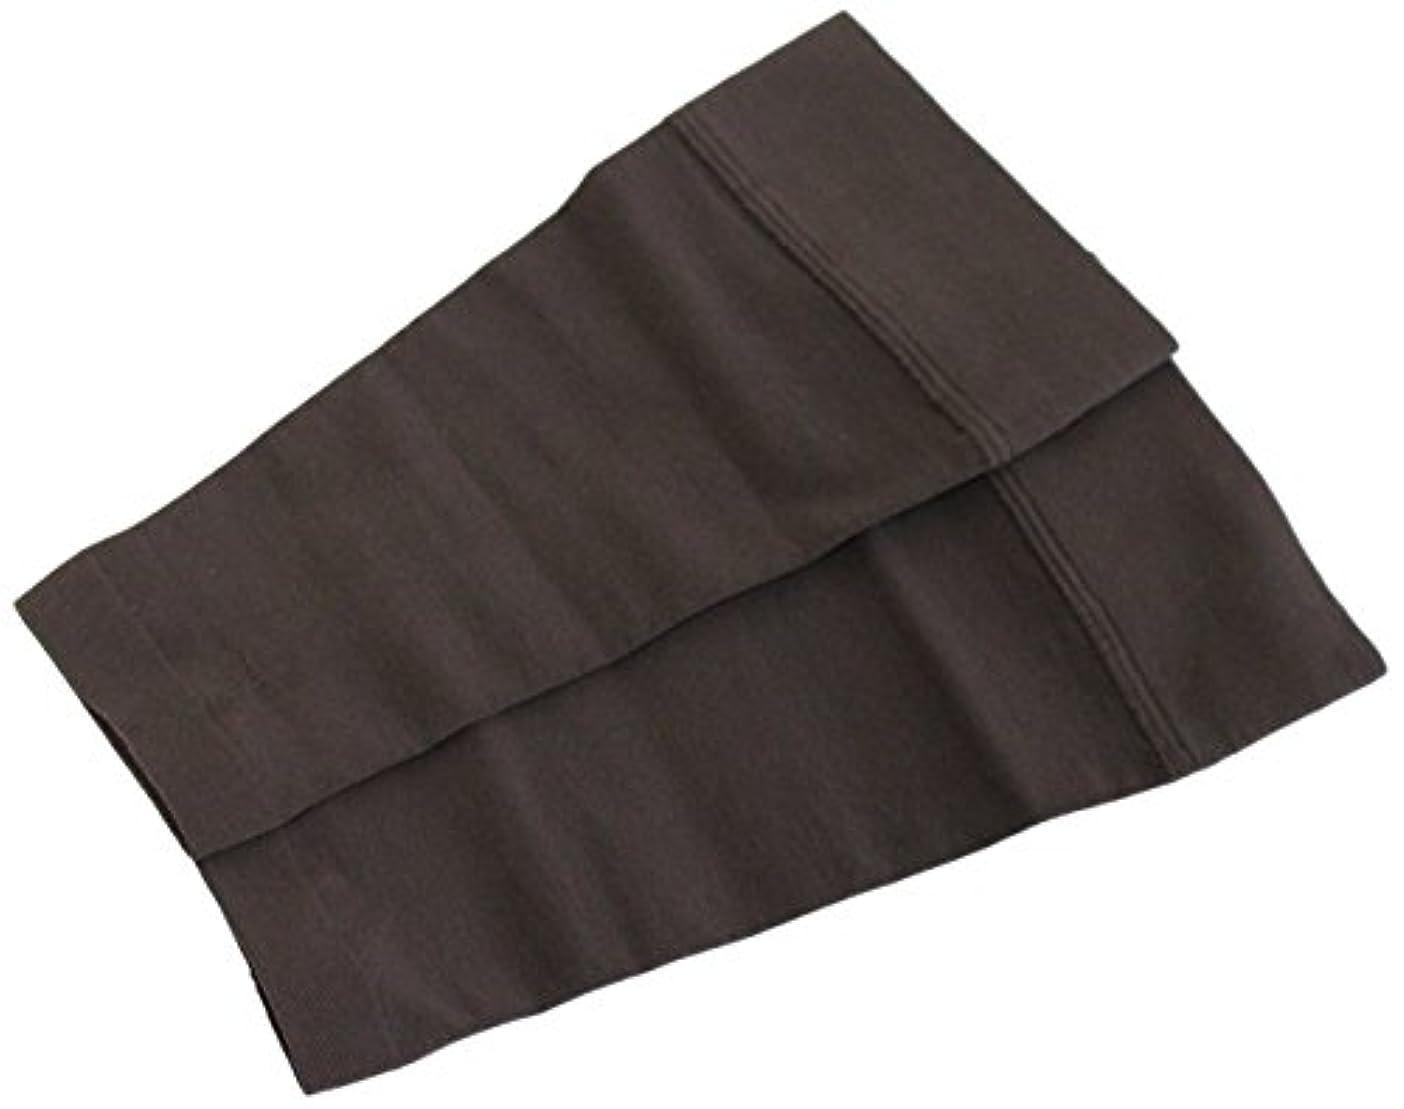 服を片付けるパプアニューギニア寸前ギロファ?ふくらはぎサポーター?メモリー02 ブラウン Sサイズ